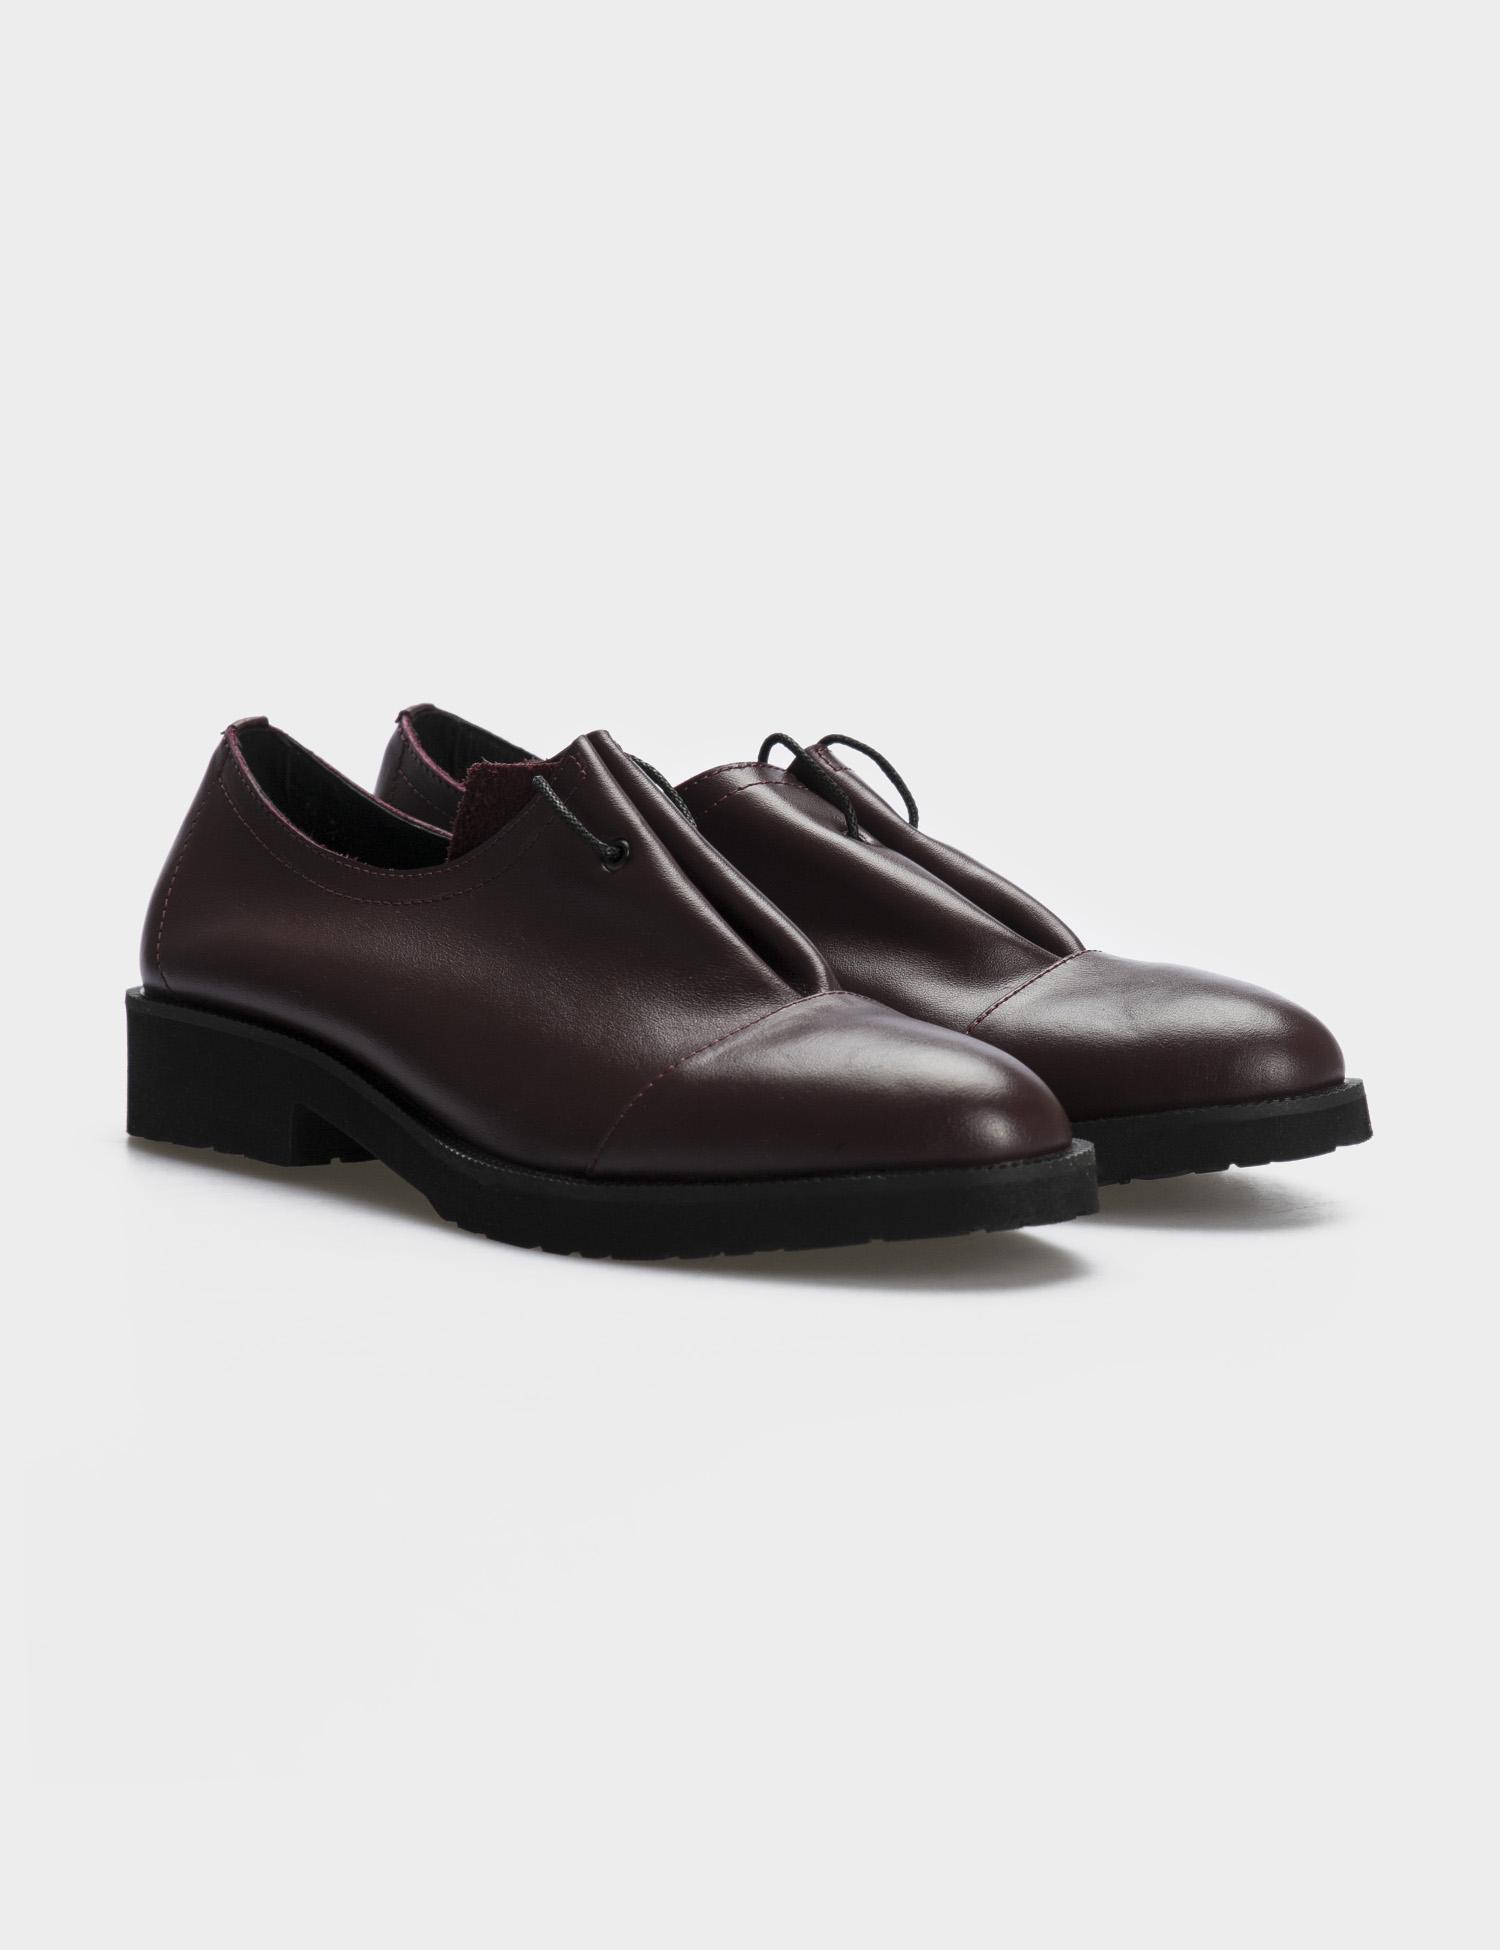 Туфлі  жіночі Туфли 1401bordo бордовая кожа 1401bordo брендове взуття, 2017